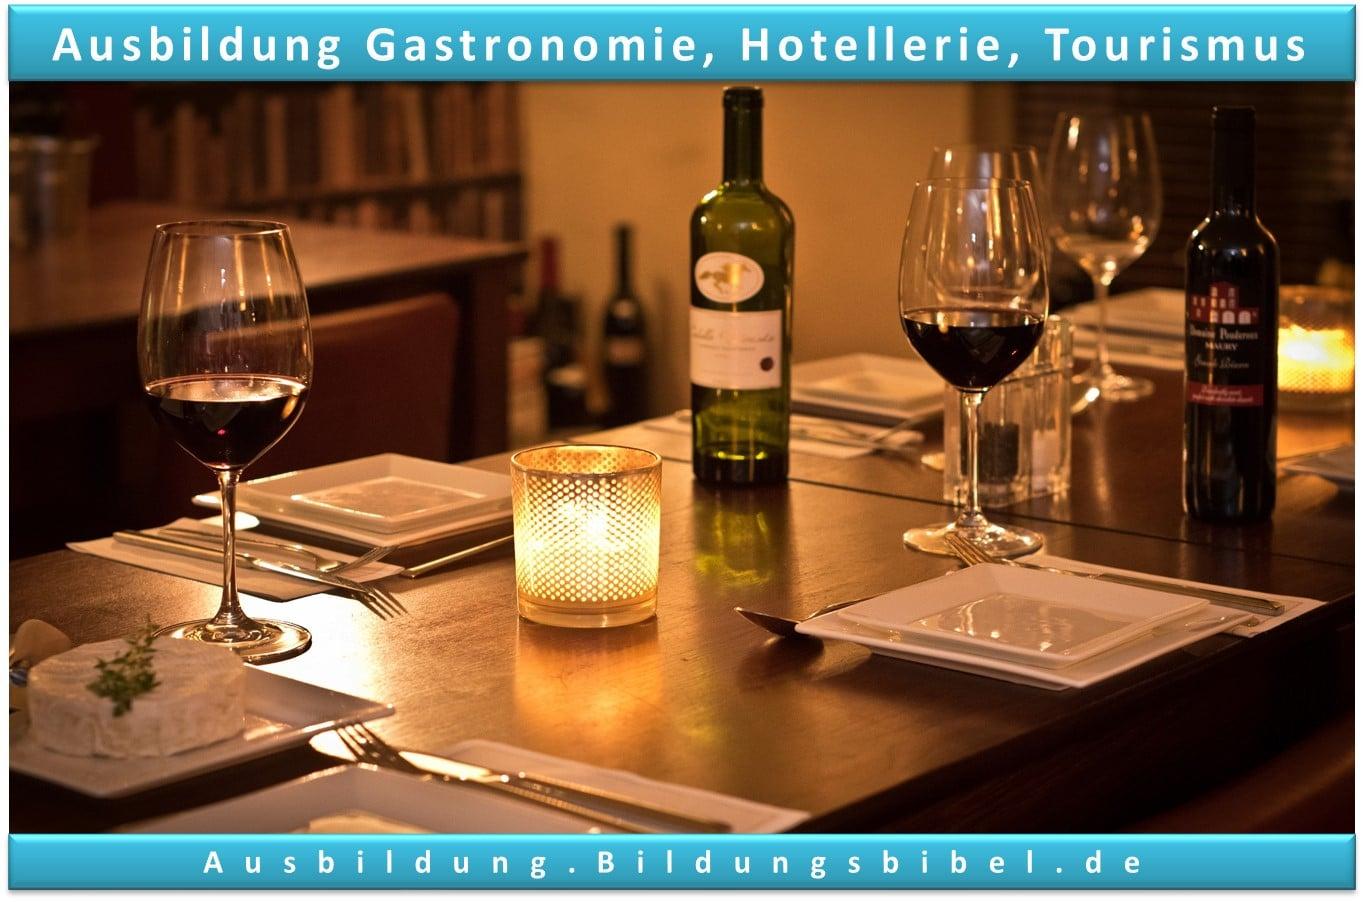 Ausbildung in der Gastronomie, Tourismus oder Hotellerie Voraussetzungen, Inhalte, Gehalt, Dauer sowie Zukunft zum Ausbildungsberuf